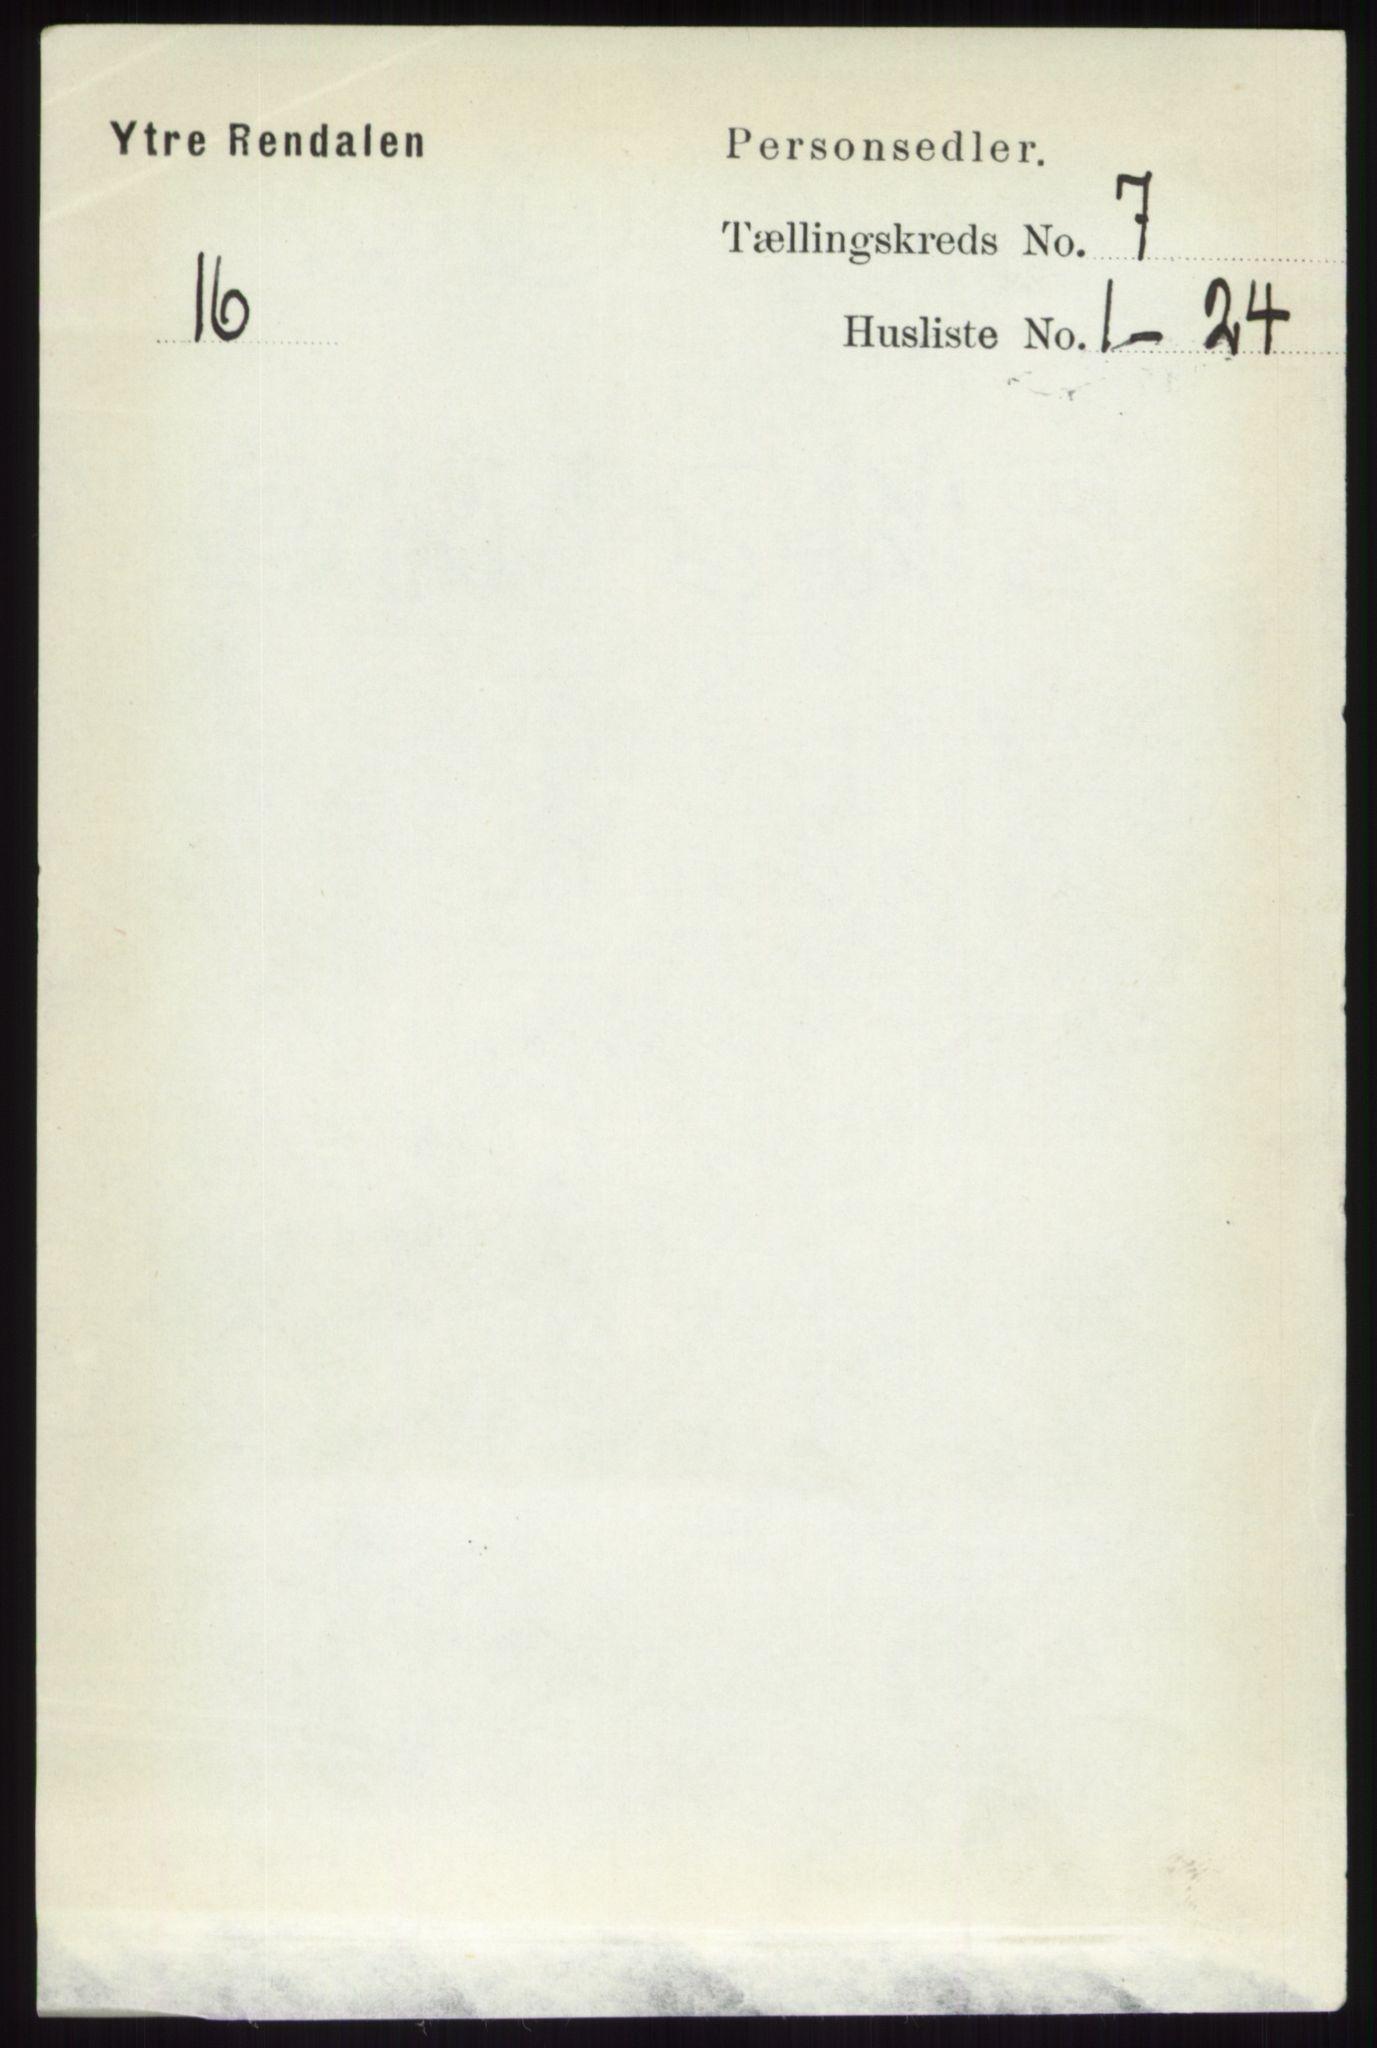 RA, Folketelling 1891 for 0432 Ytre Rendal herred, 1891, s. 1870